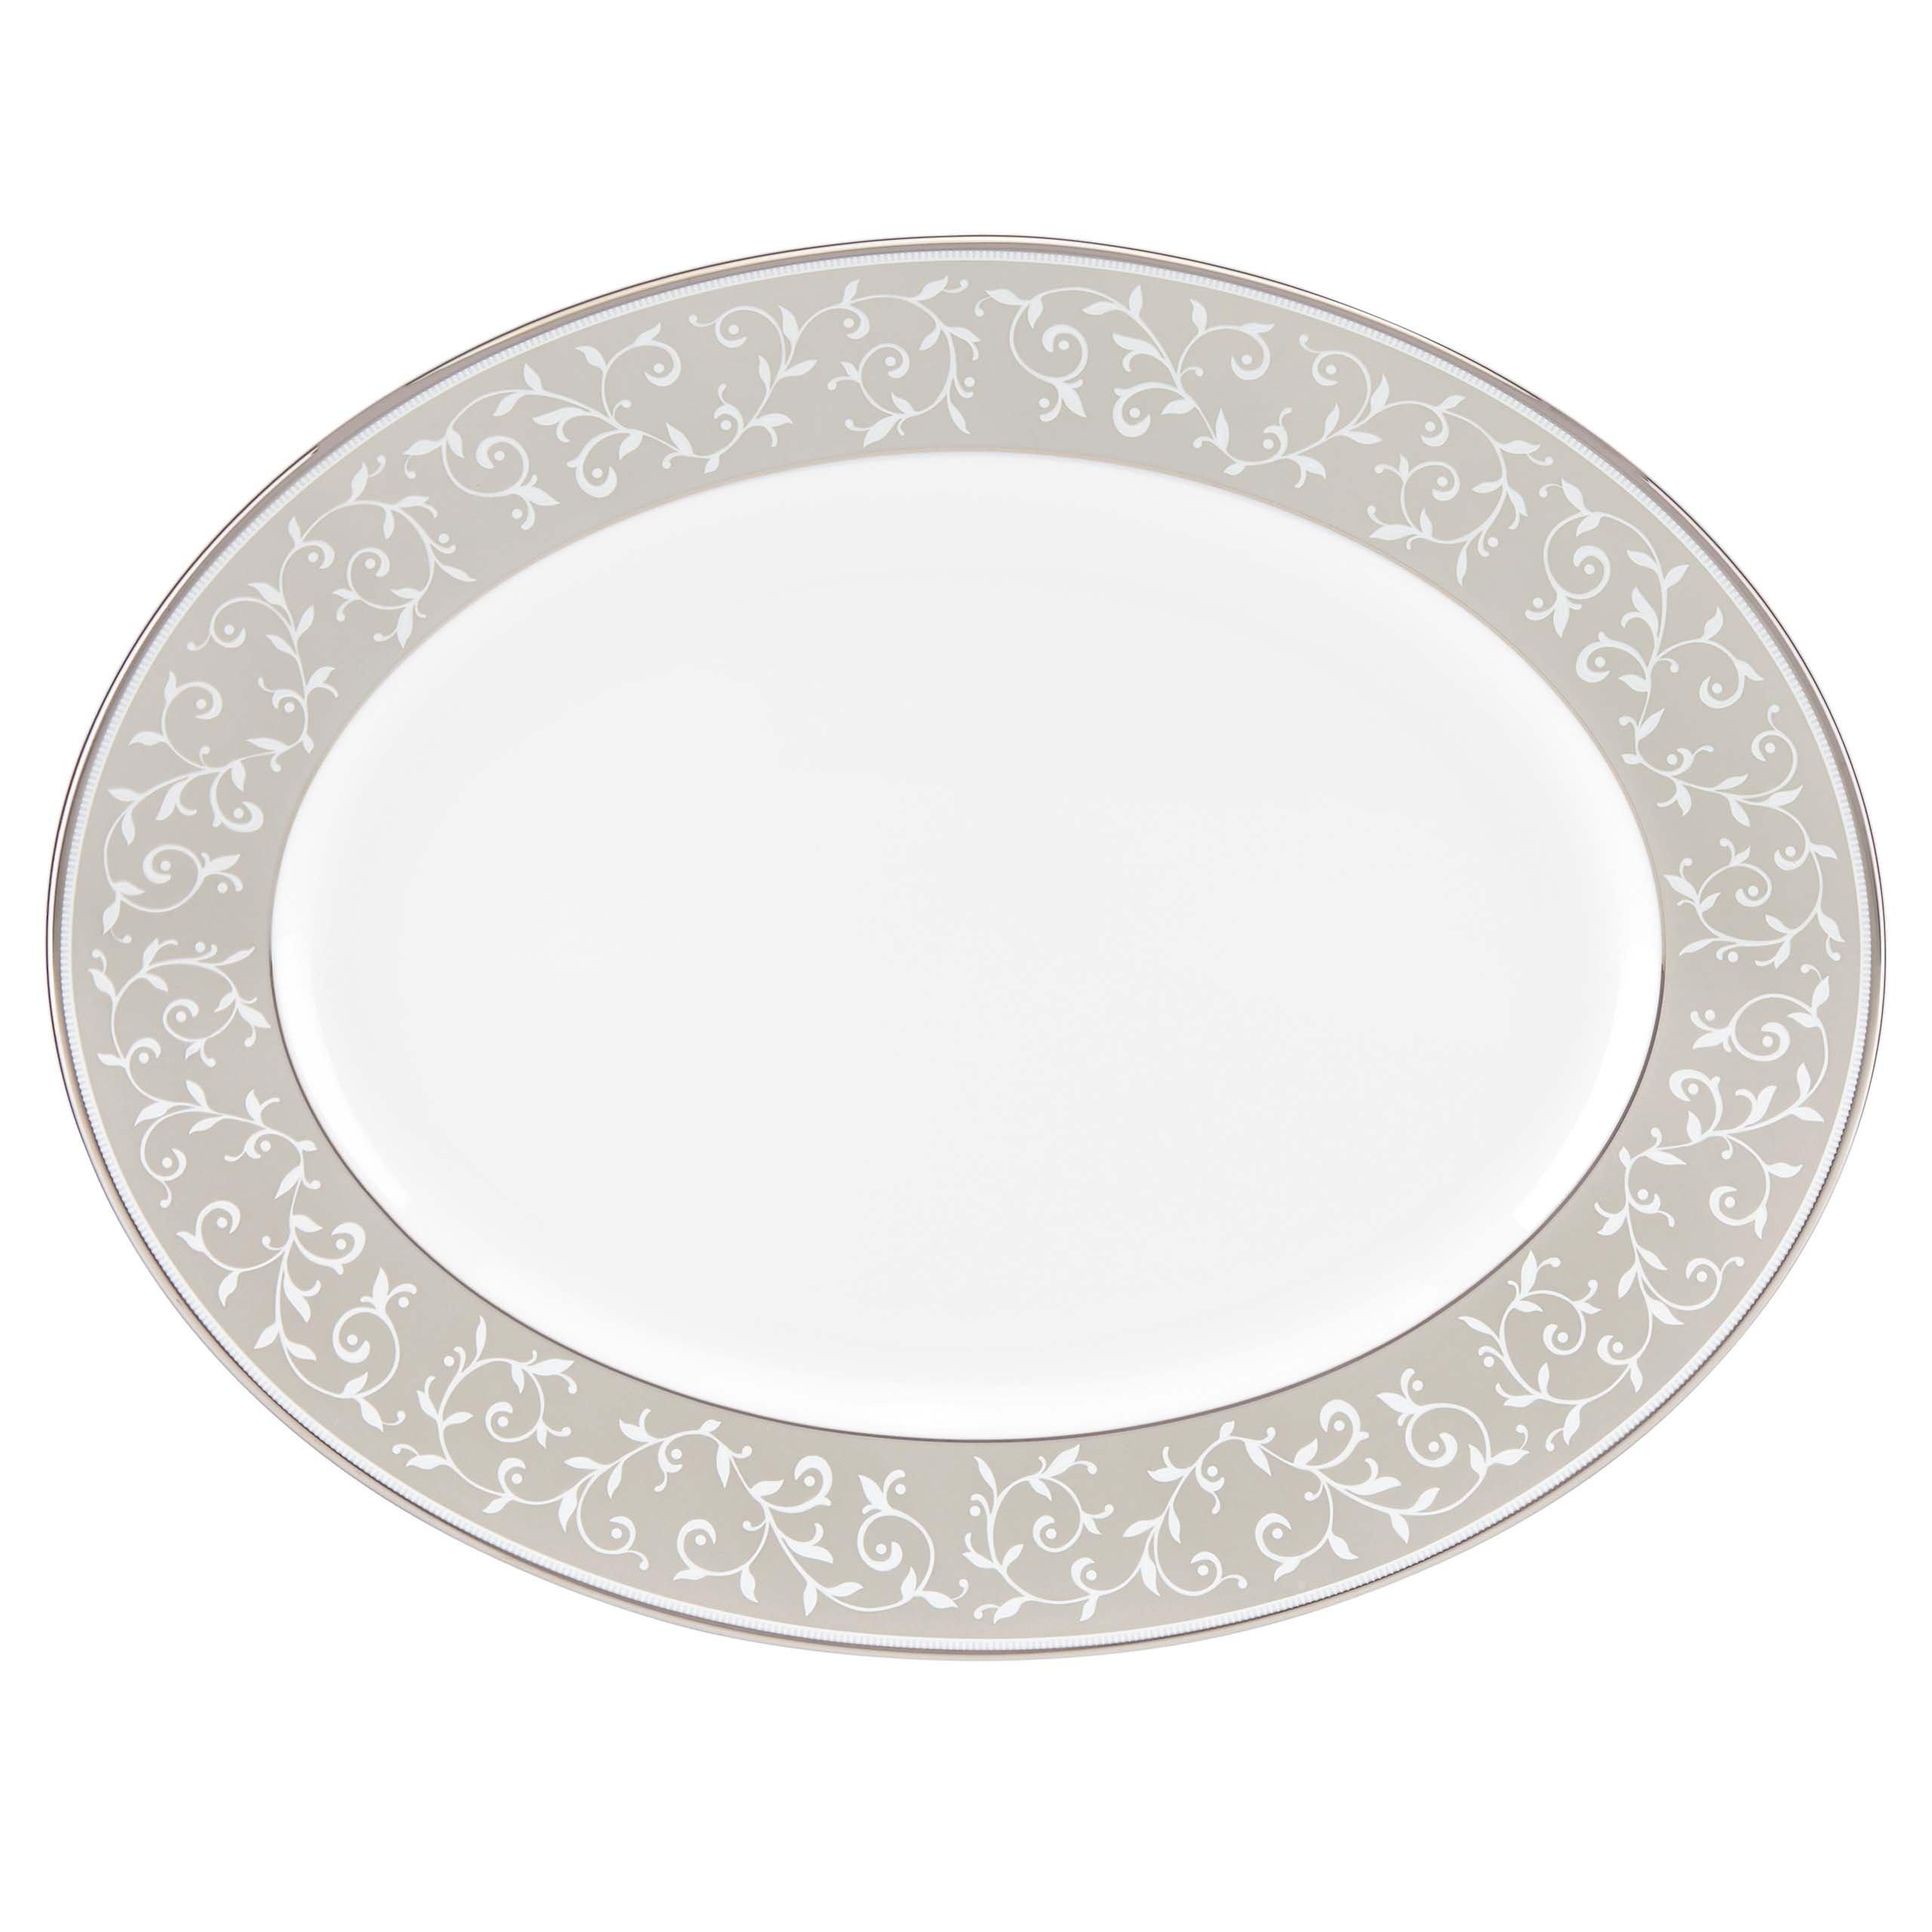 Lenox Opal Innocence Dune Oval Platter, White